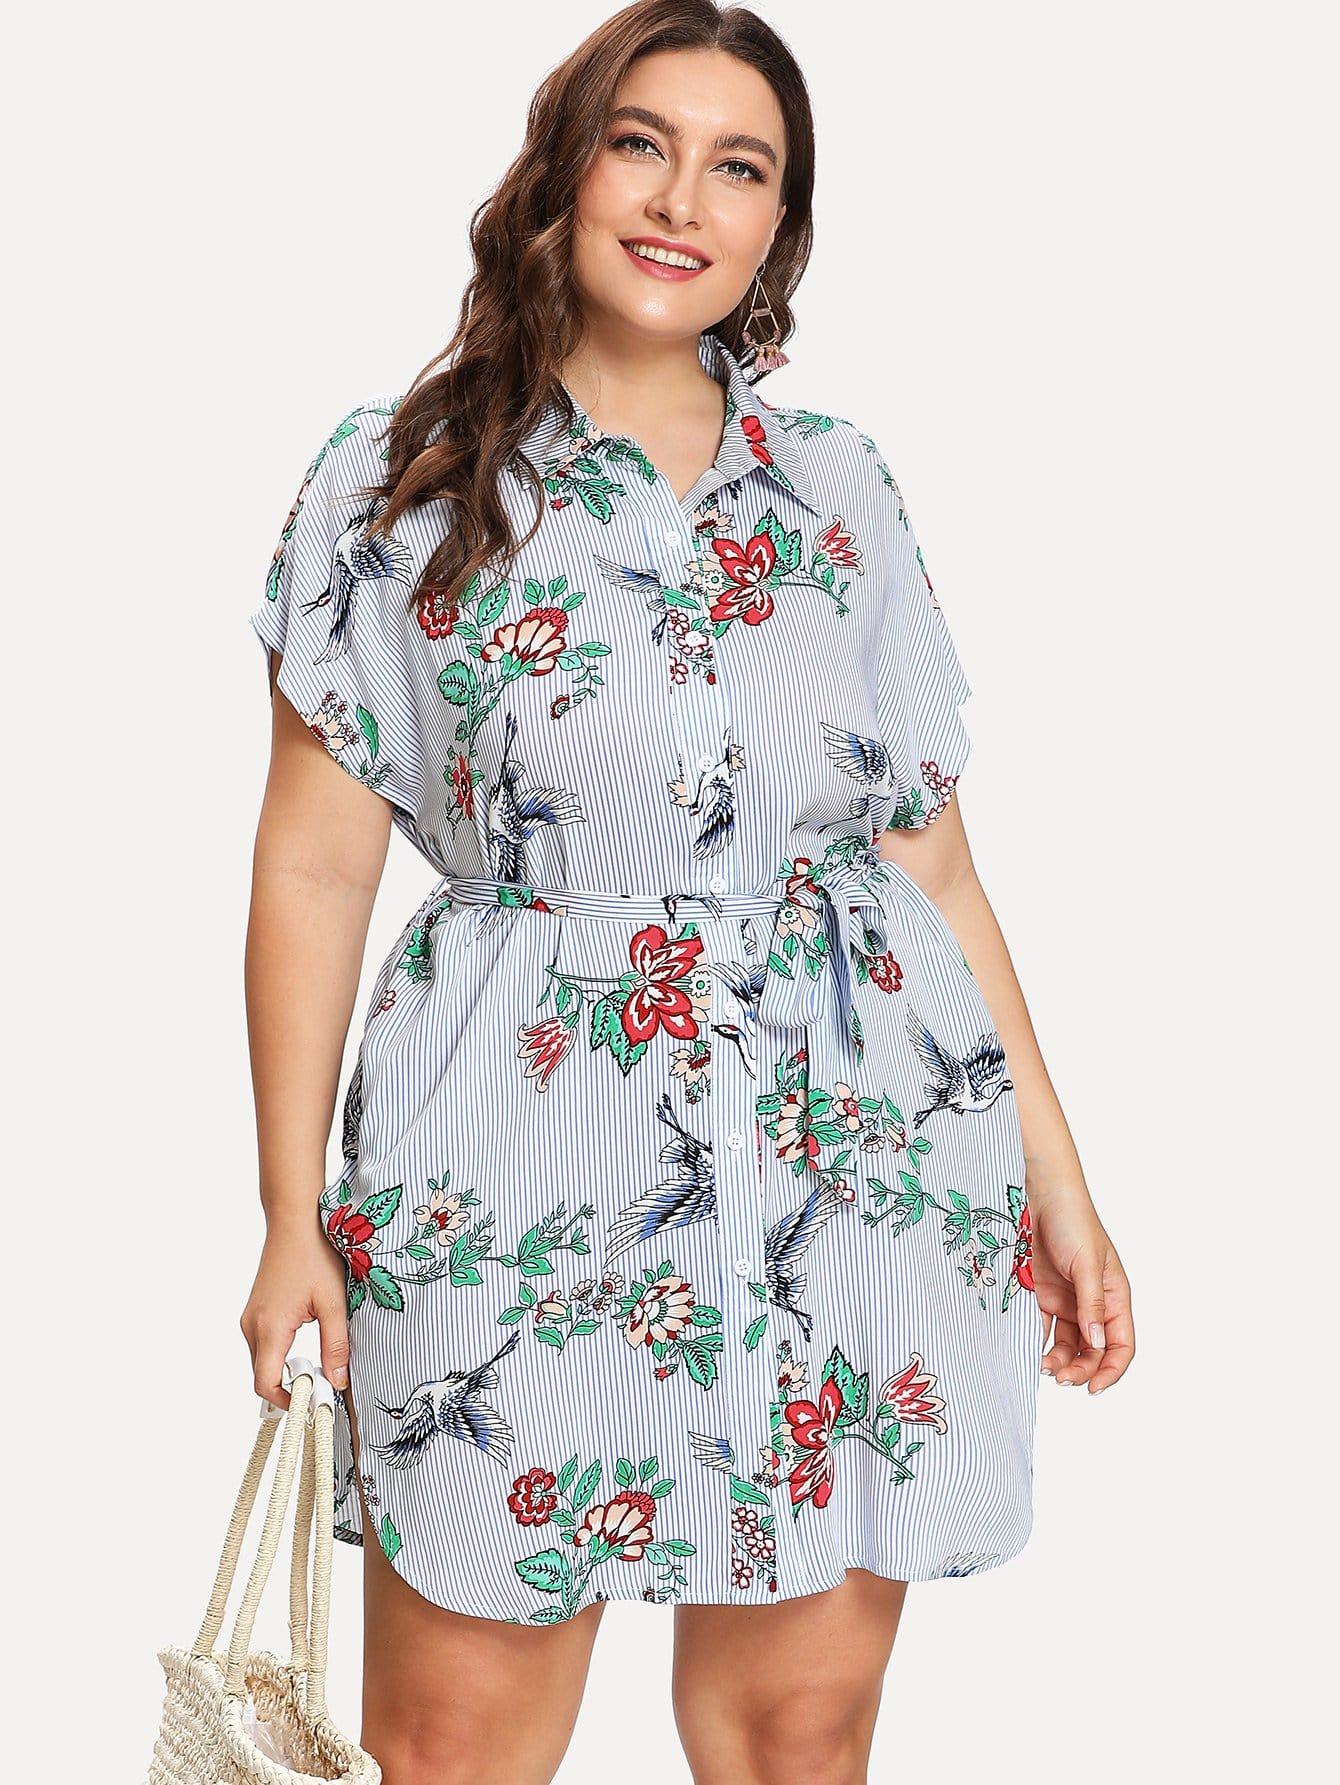 Купить Платье рубашка с принтом микс, Franziska, SheIn